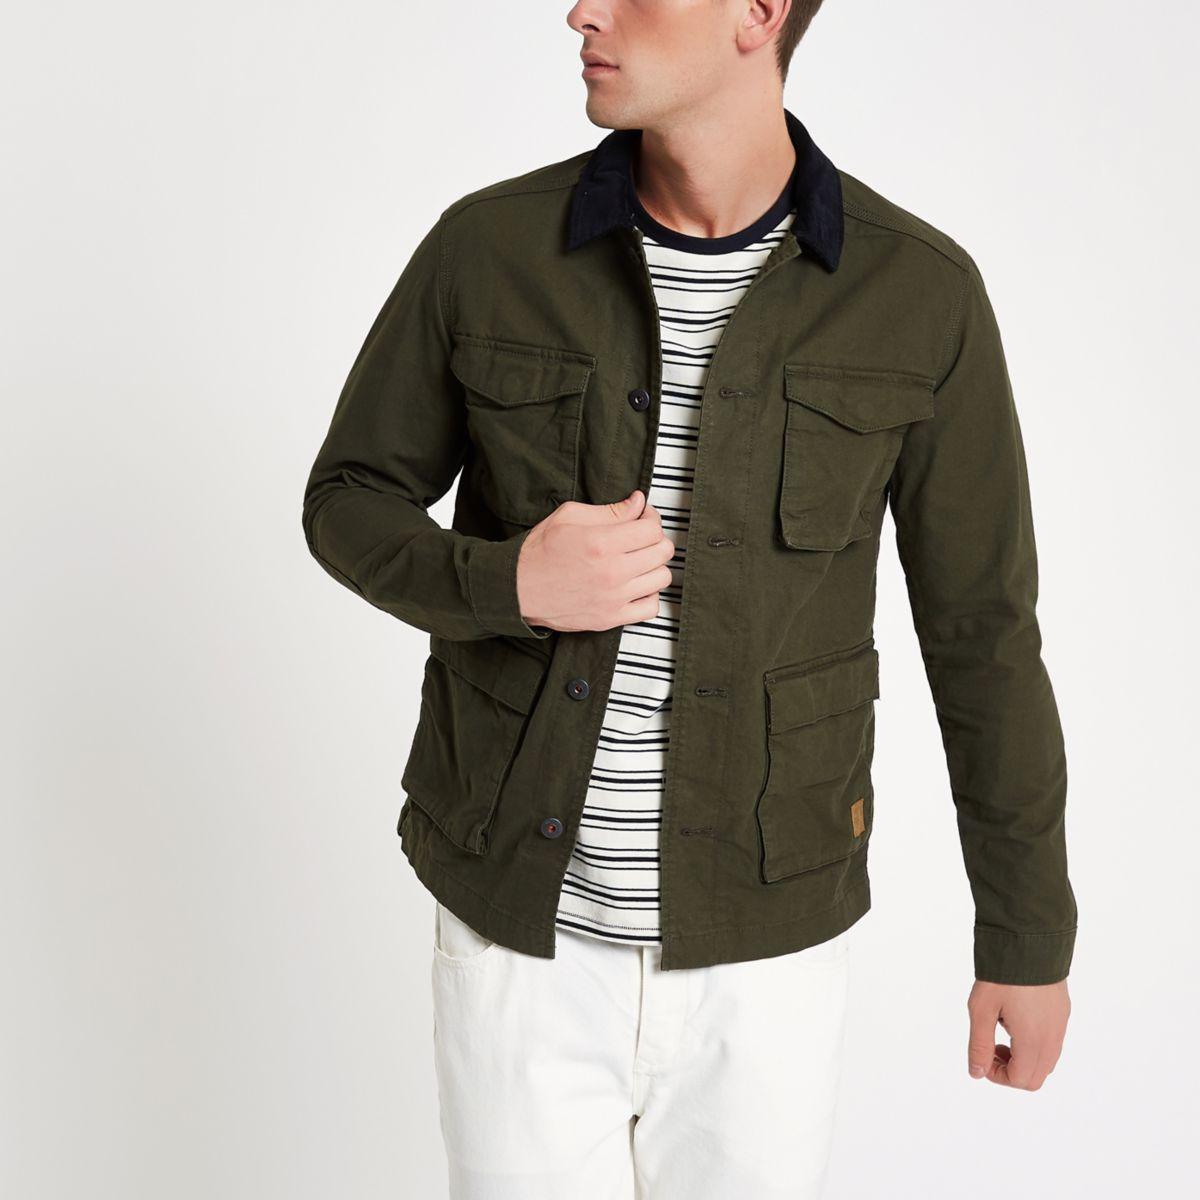 Jack & Jones Originals green field jacket